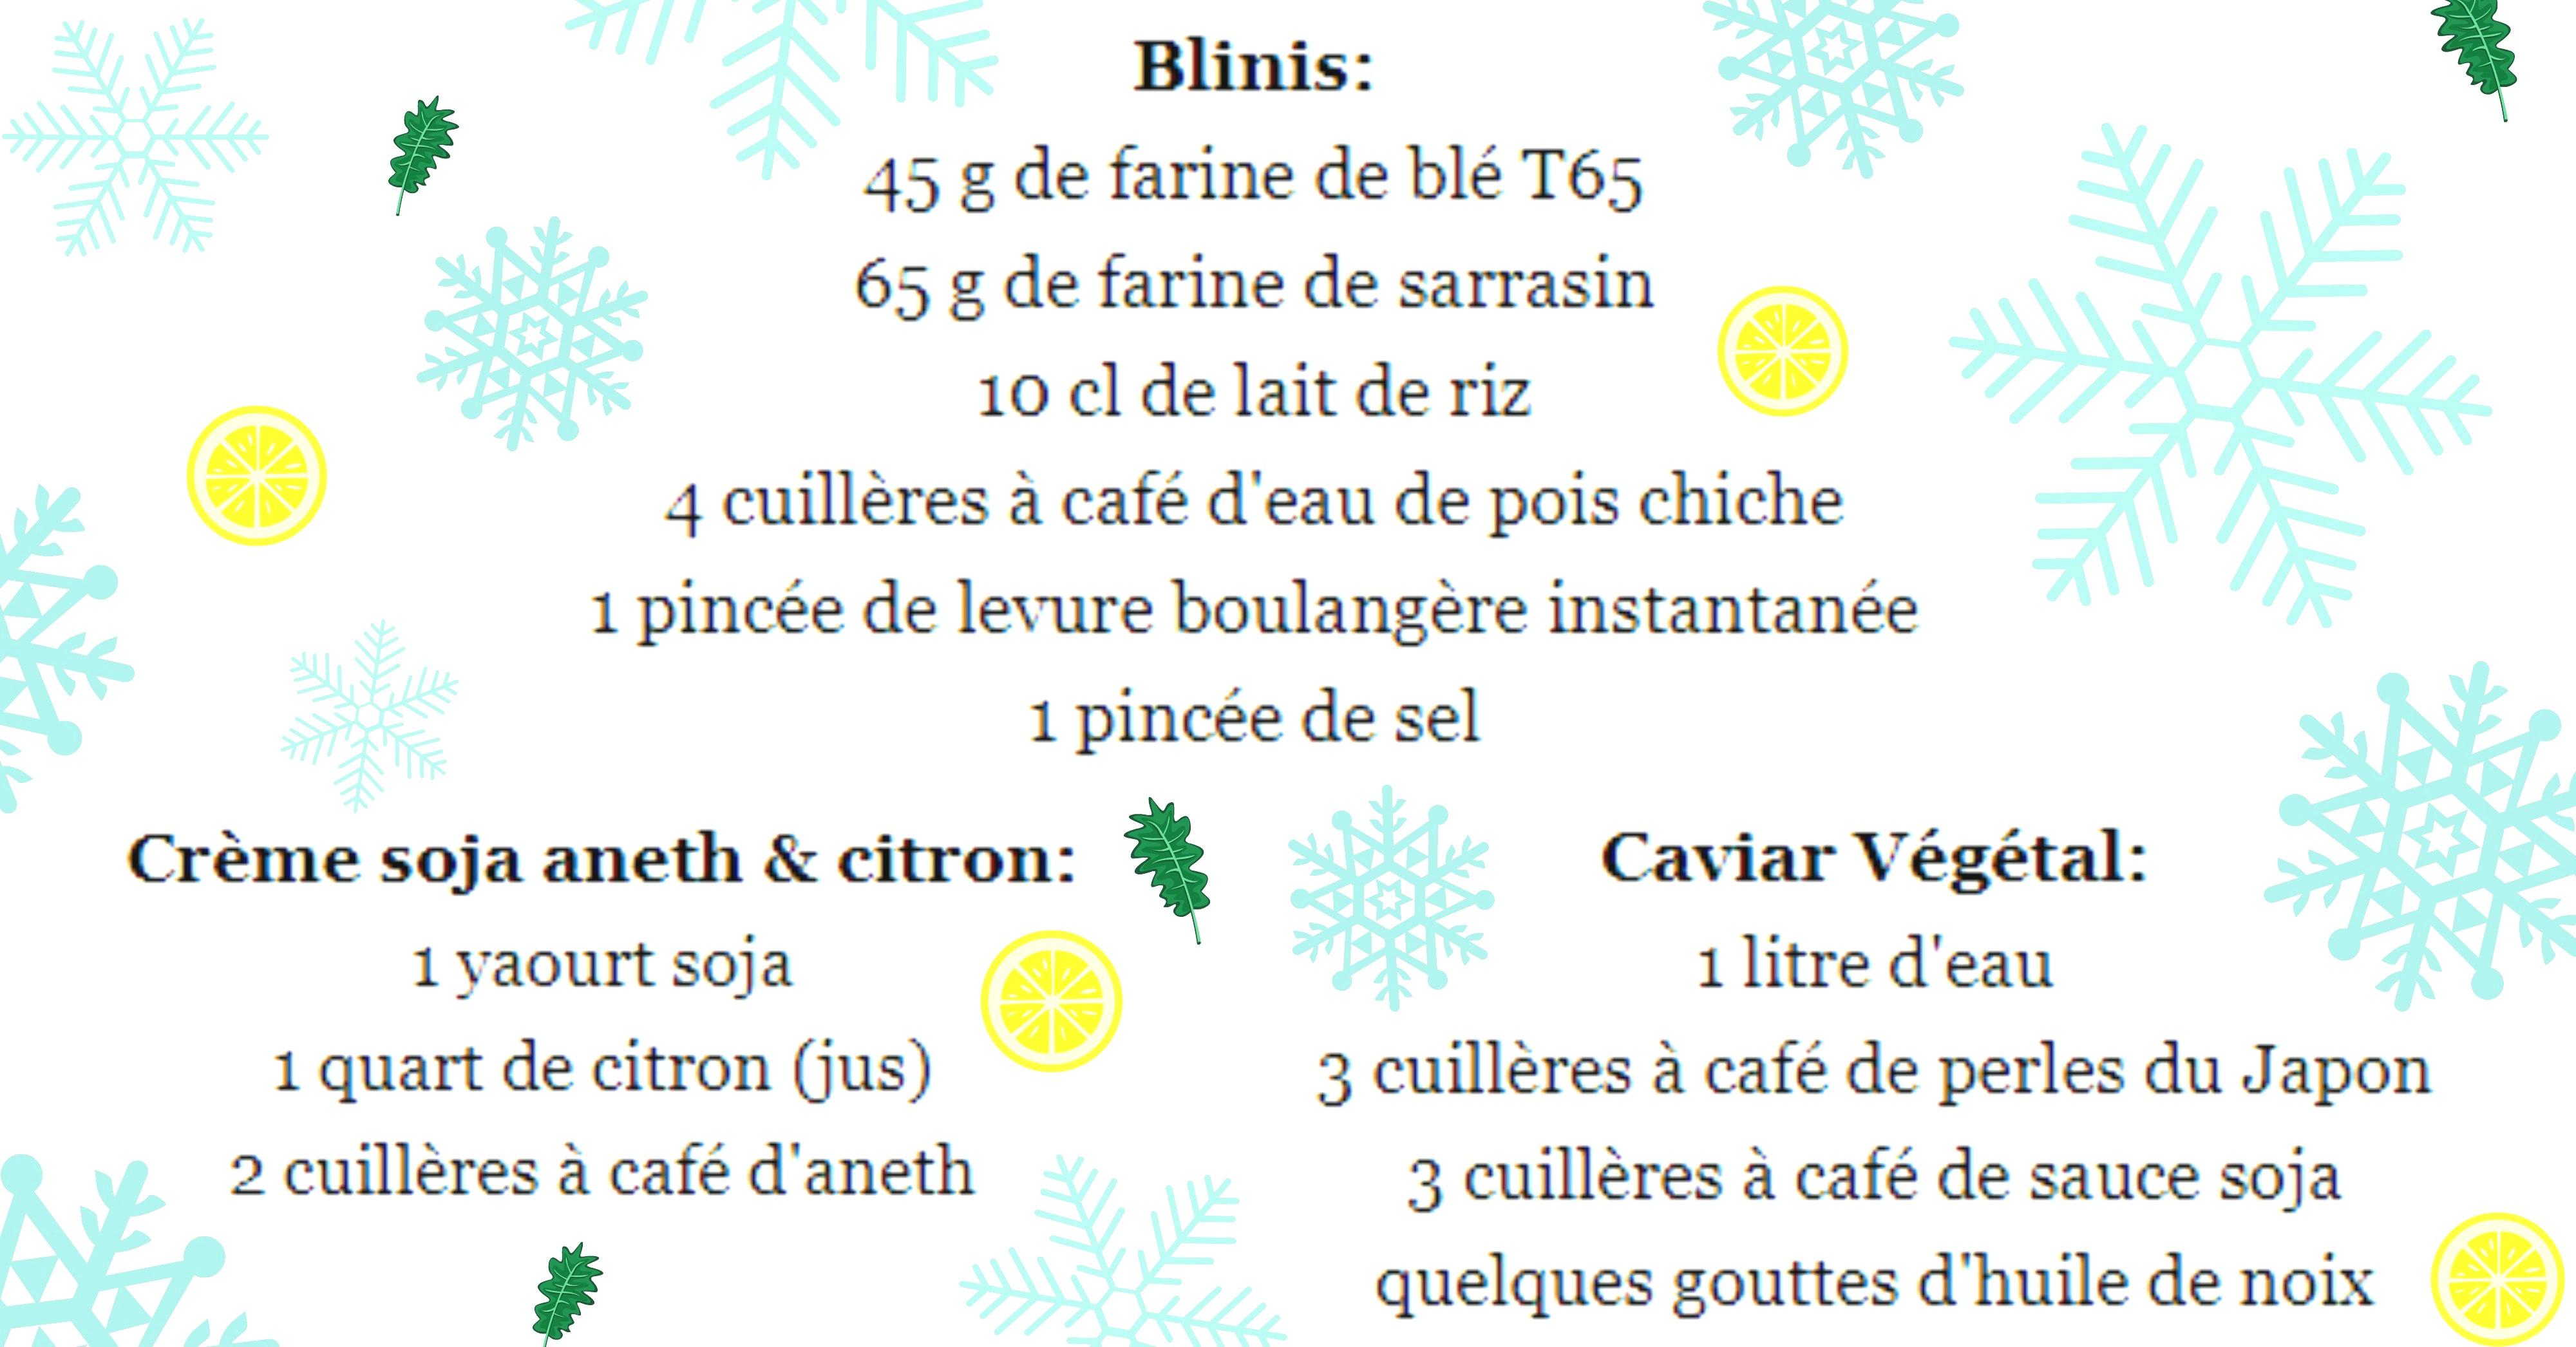 blinis-noel-vegan-recette-blog